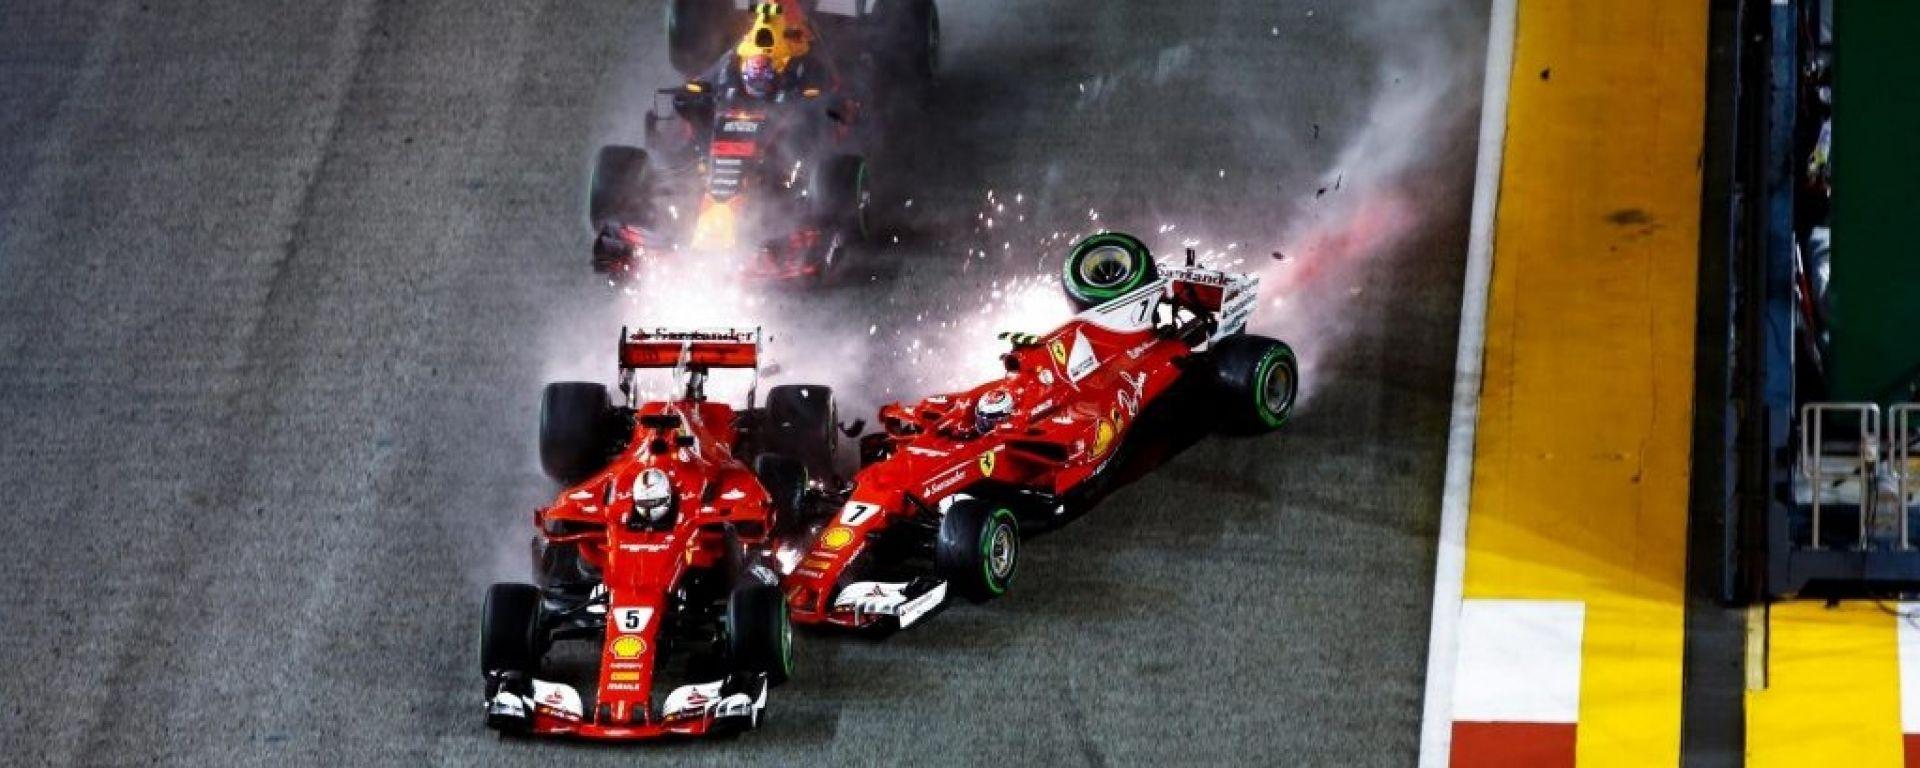 F1 GP Singapore: Verstappen, Vettel o Raikkonen?